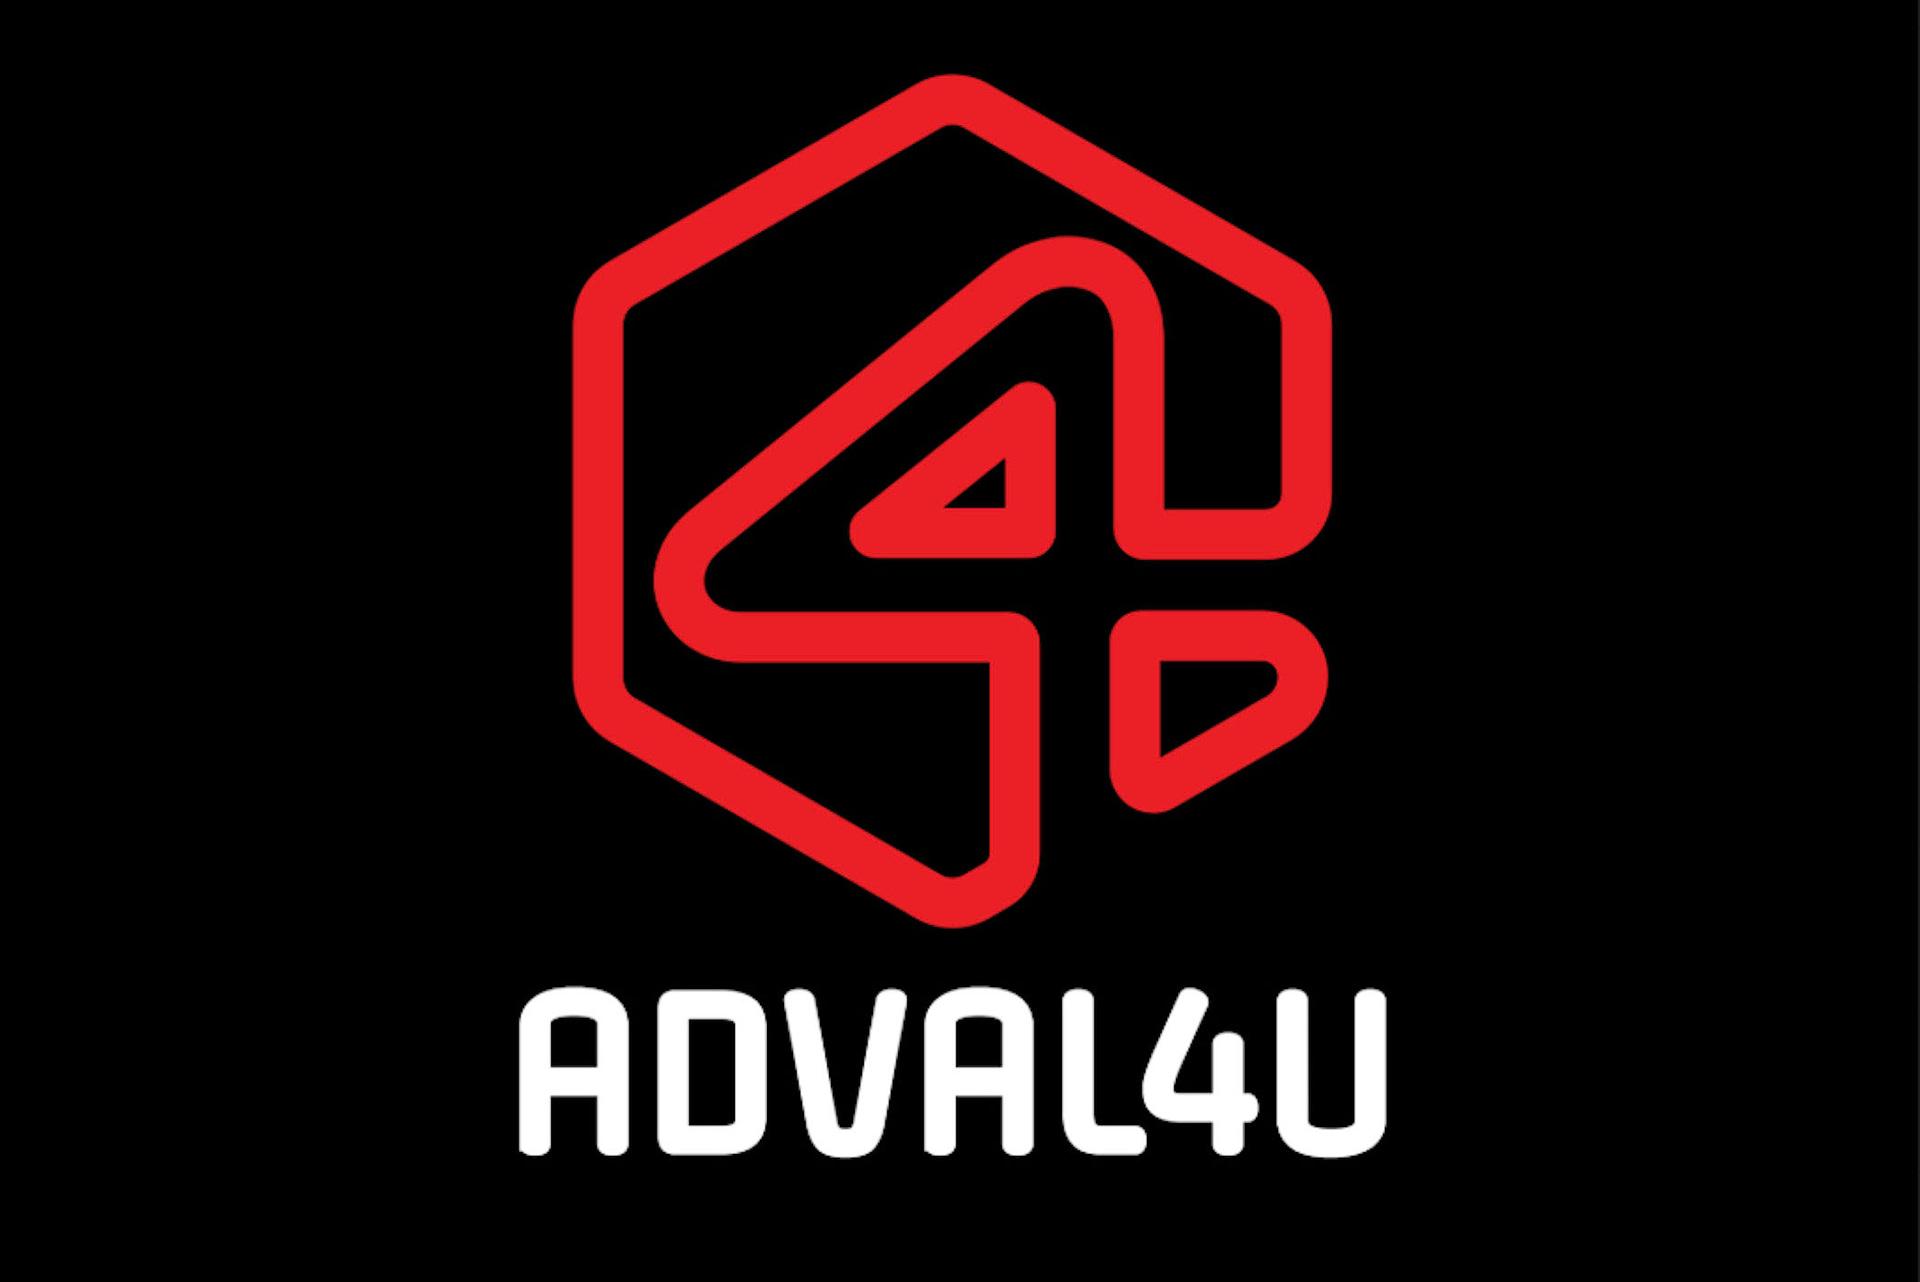 Adval4u